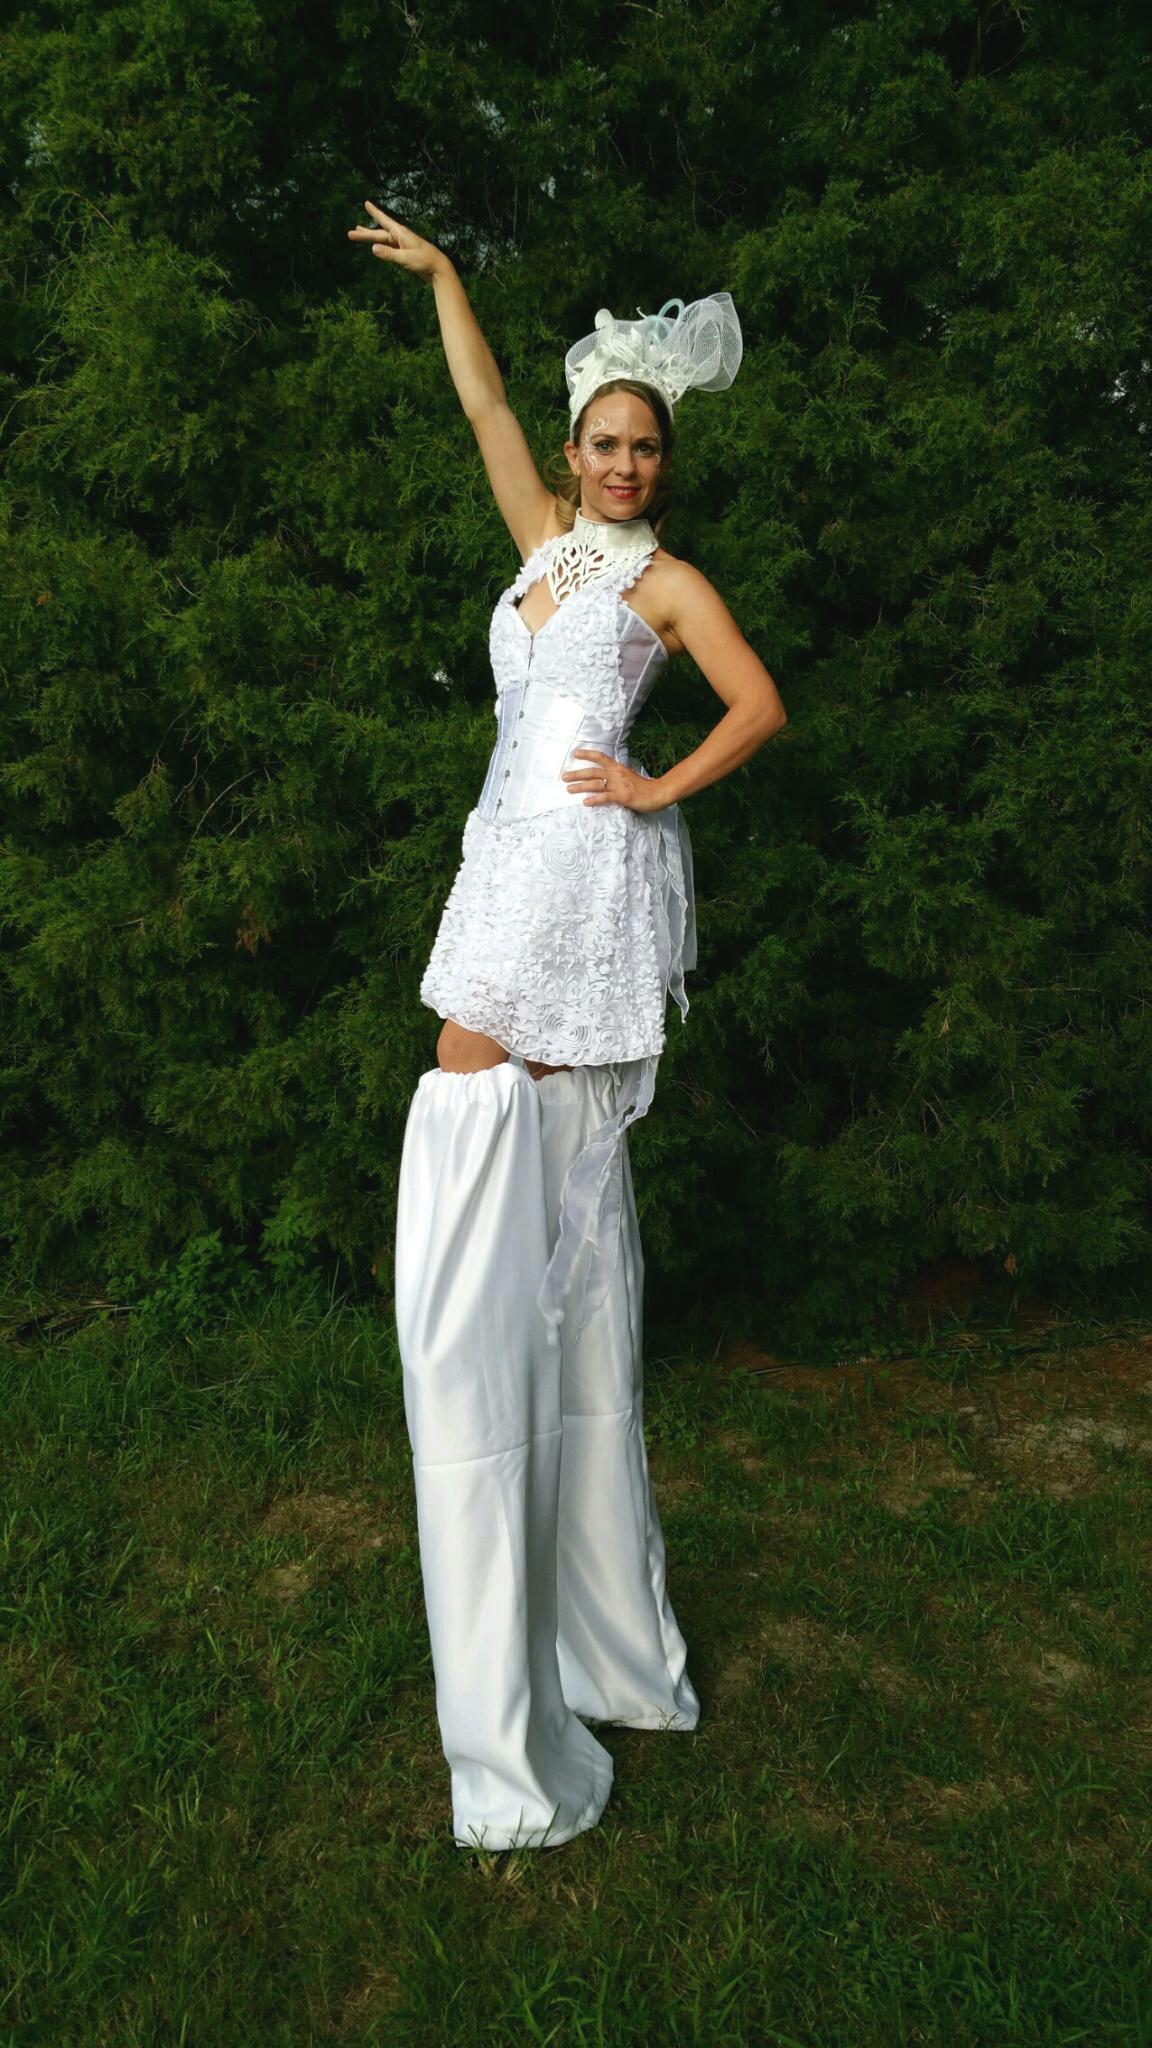 Elegant all white stilt walker